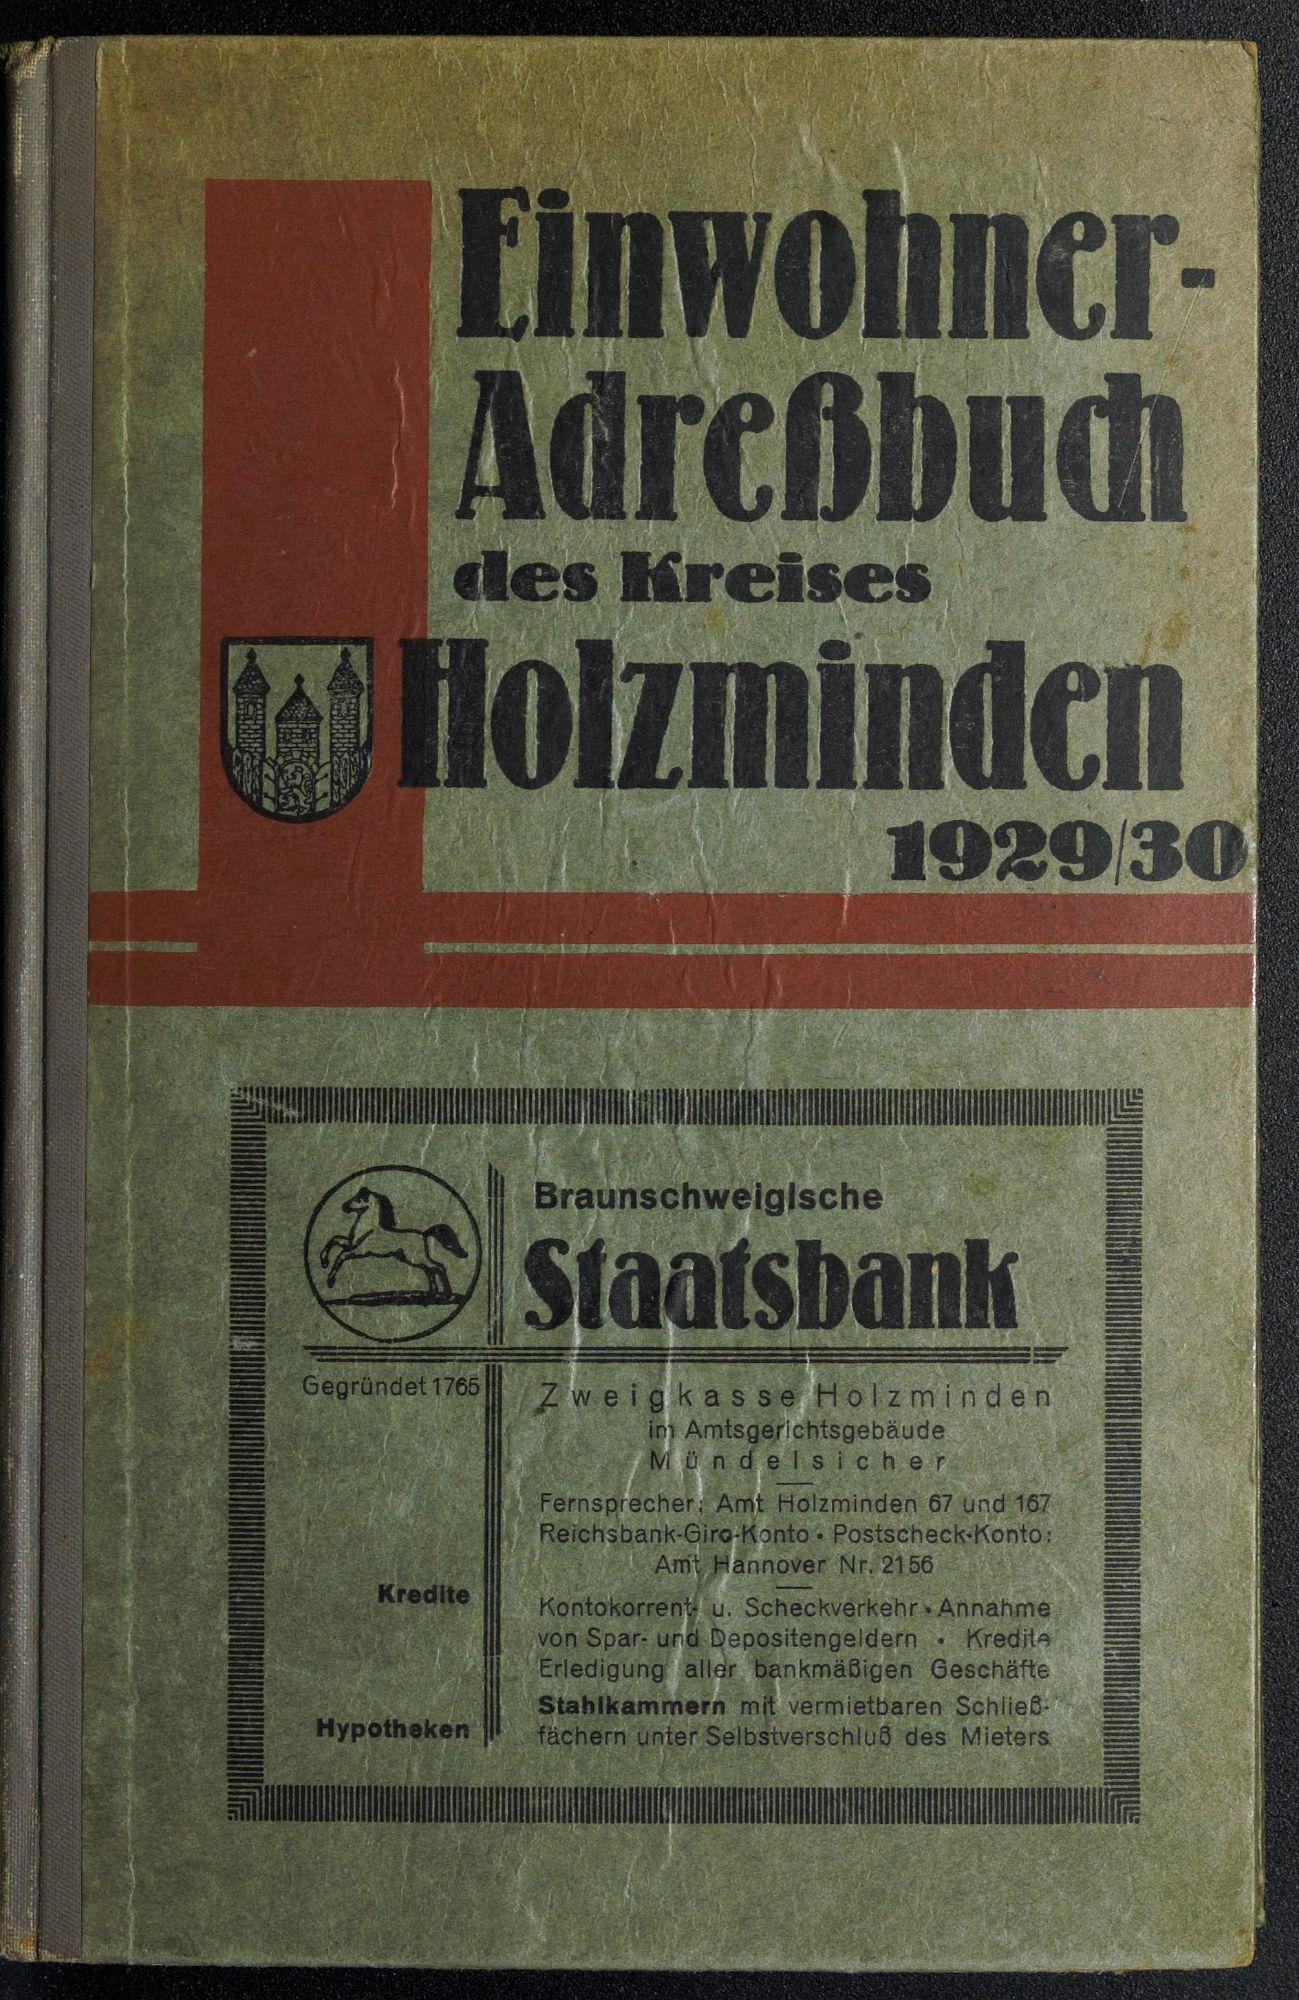 Einwohner-Adreßbuch des Kreises und der Stadt Holzminden 1929/30